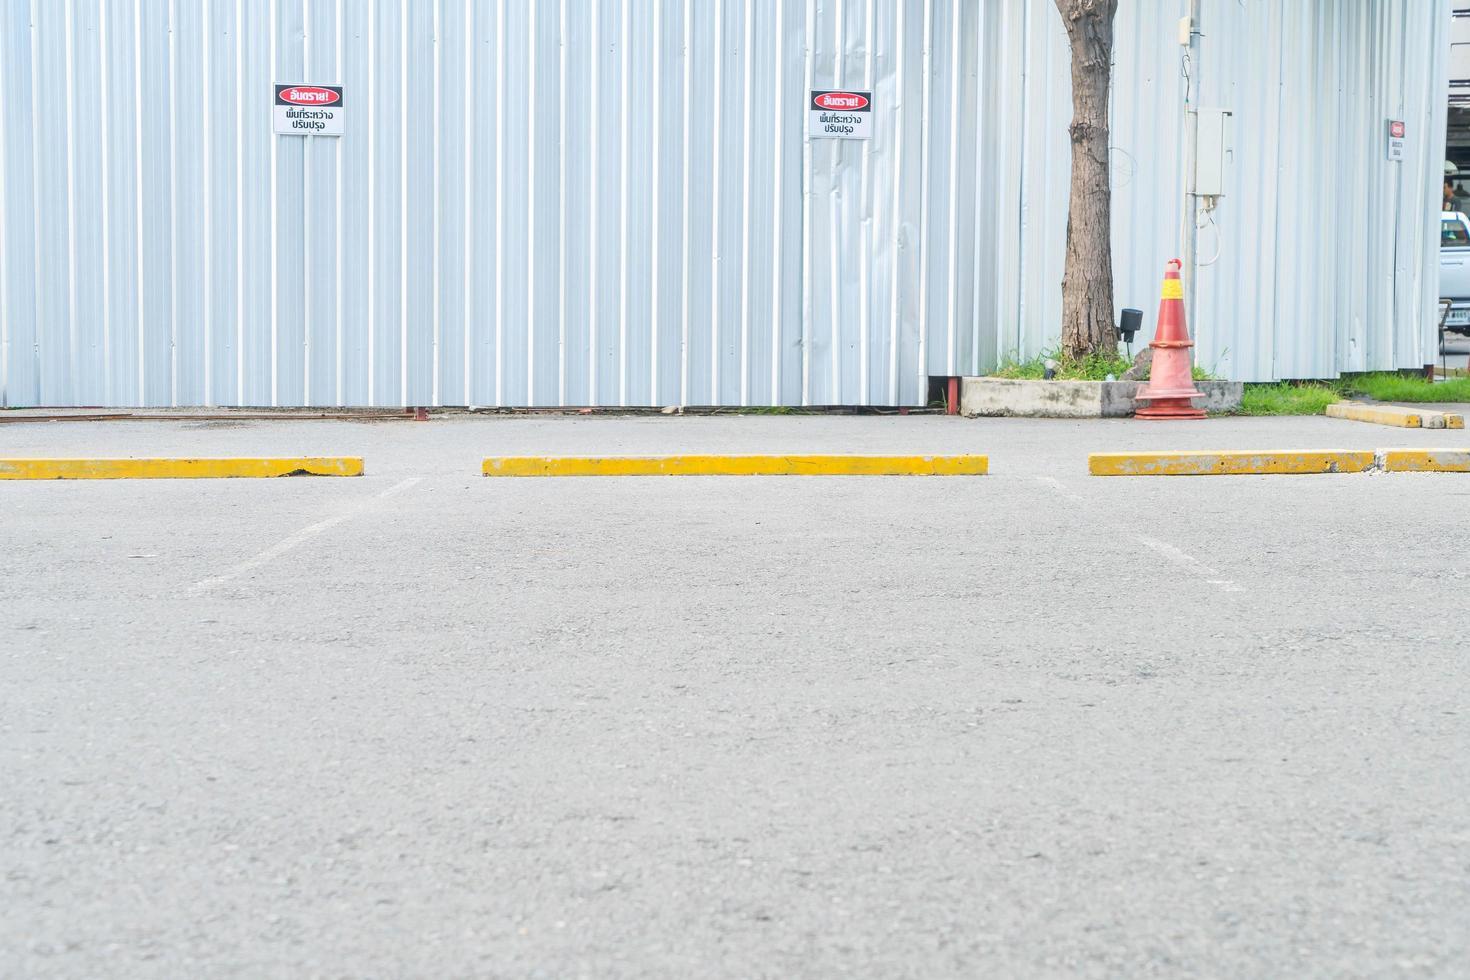 voiture de stationnement vide pour le fond photo